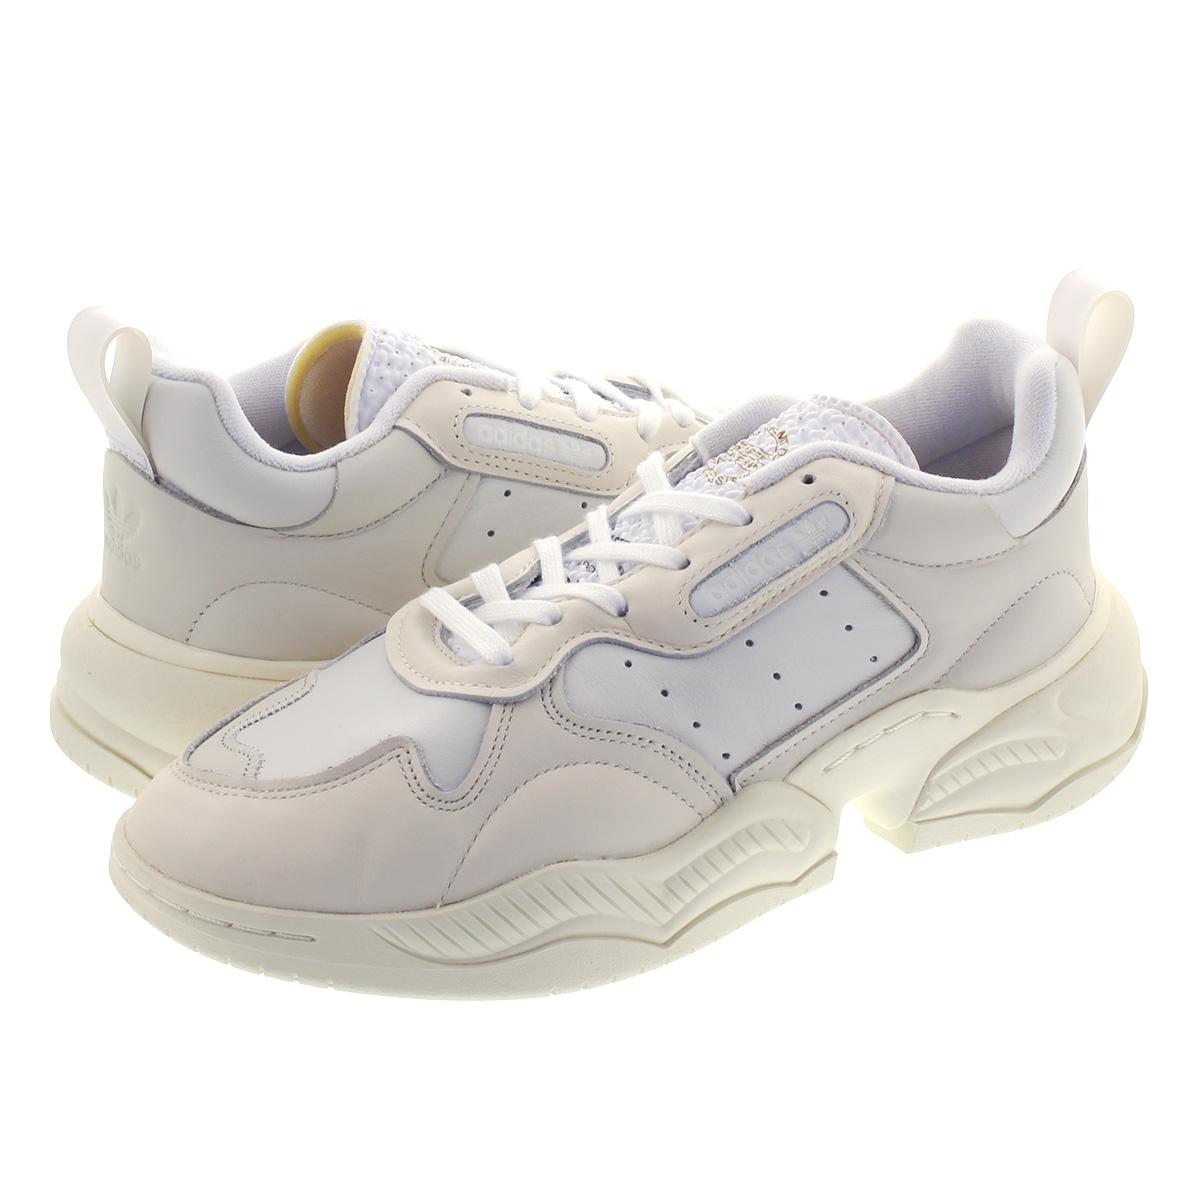 【毎日がお得!値下げプライス】 adidas SUPERCOURT 90s アディダス スーパーコート 90s RUNNING WHITE/RUNNING WHITE/OFF WHITE ee6328